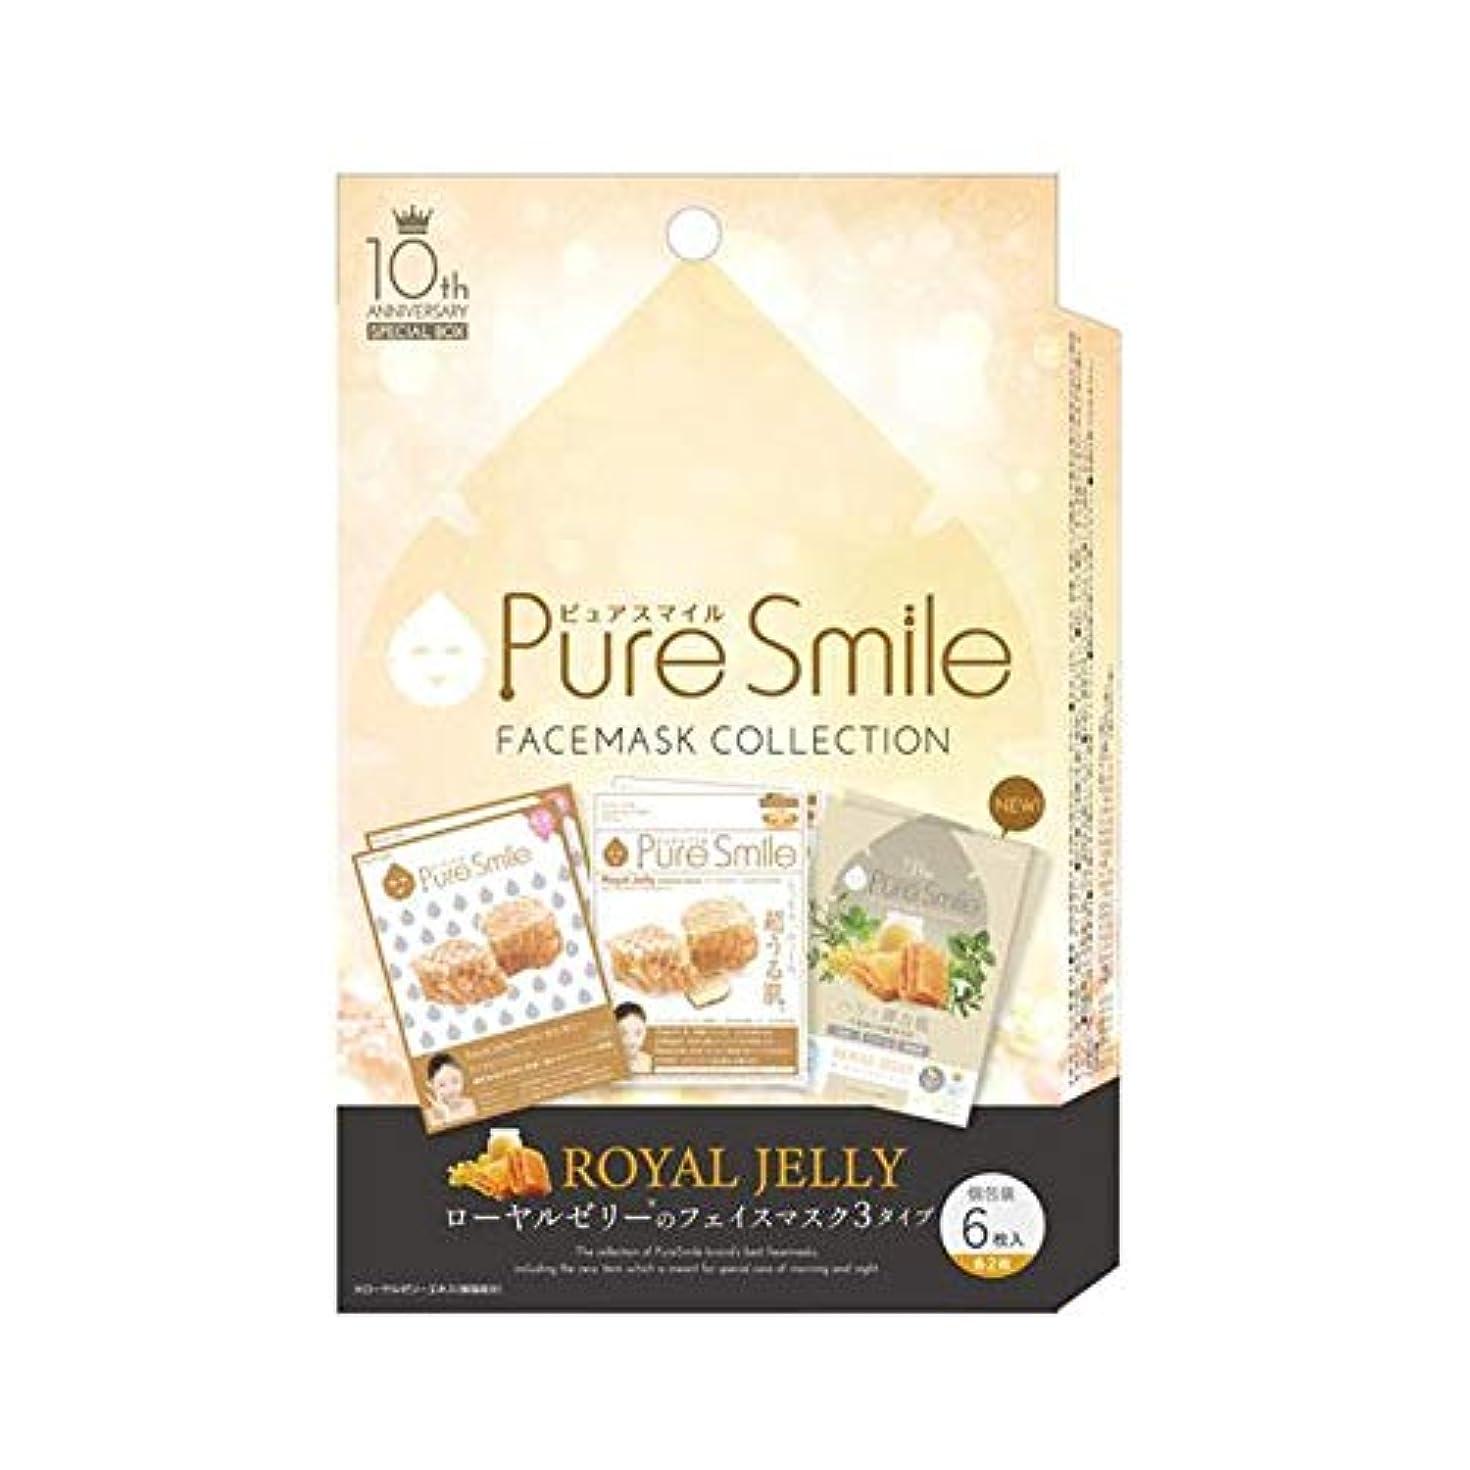 コイル陰謀エンドウピュア スマイル Pure Smile 10thアニバーサリー スペシャルボックス ローヤルゼリーエキス 6枚入り